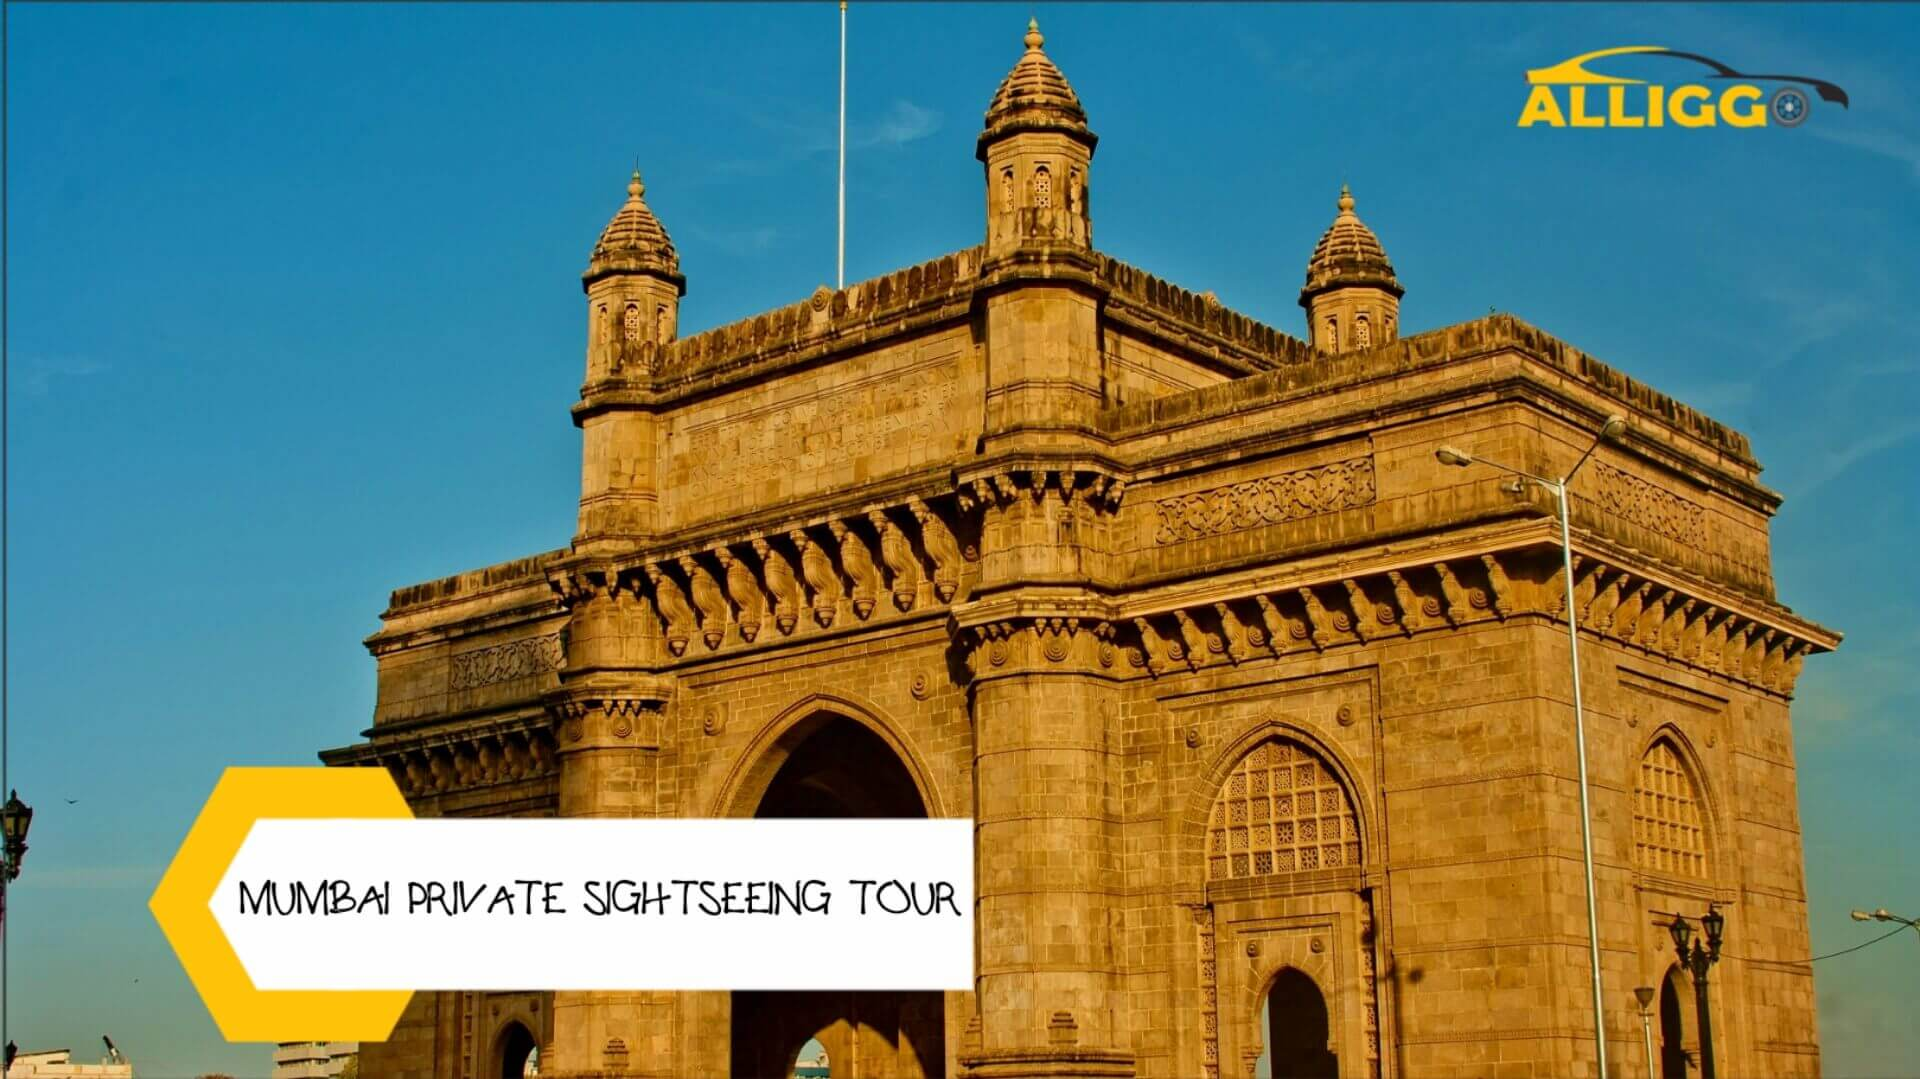 Alliggo_Car_Rentals_Mumbai_Private_Sightseeing_Tour